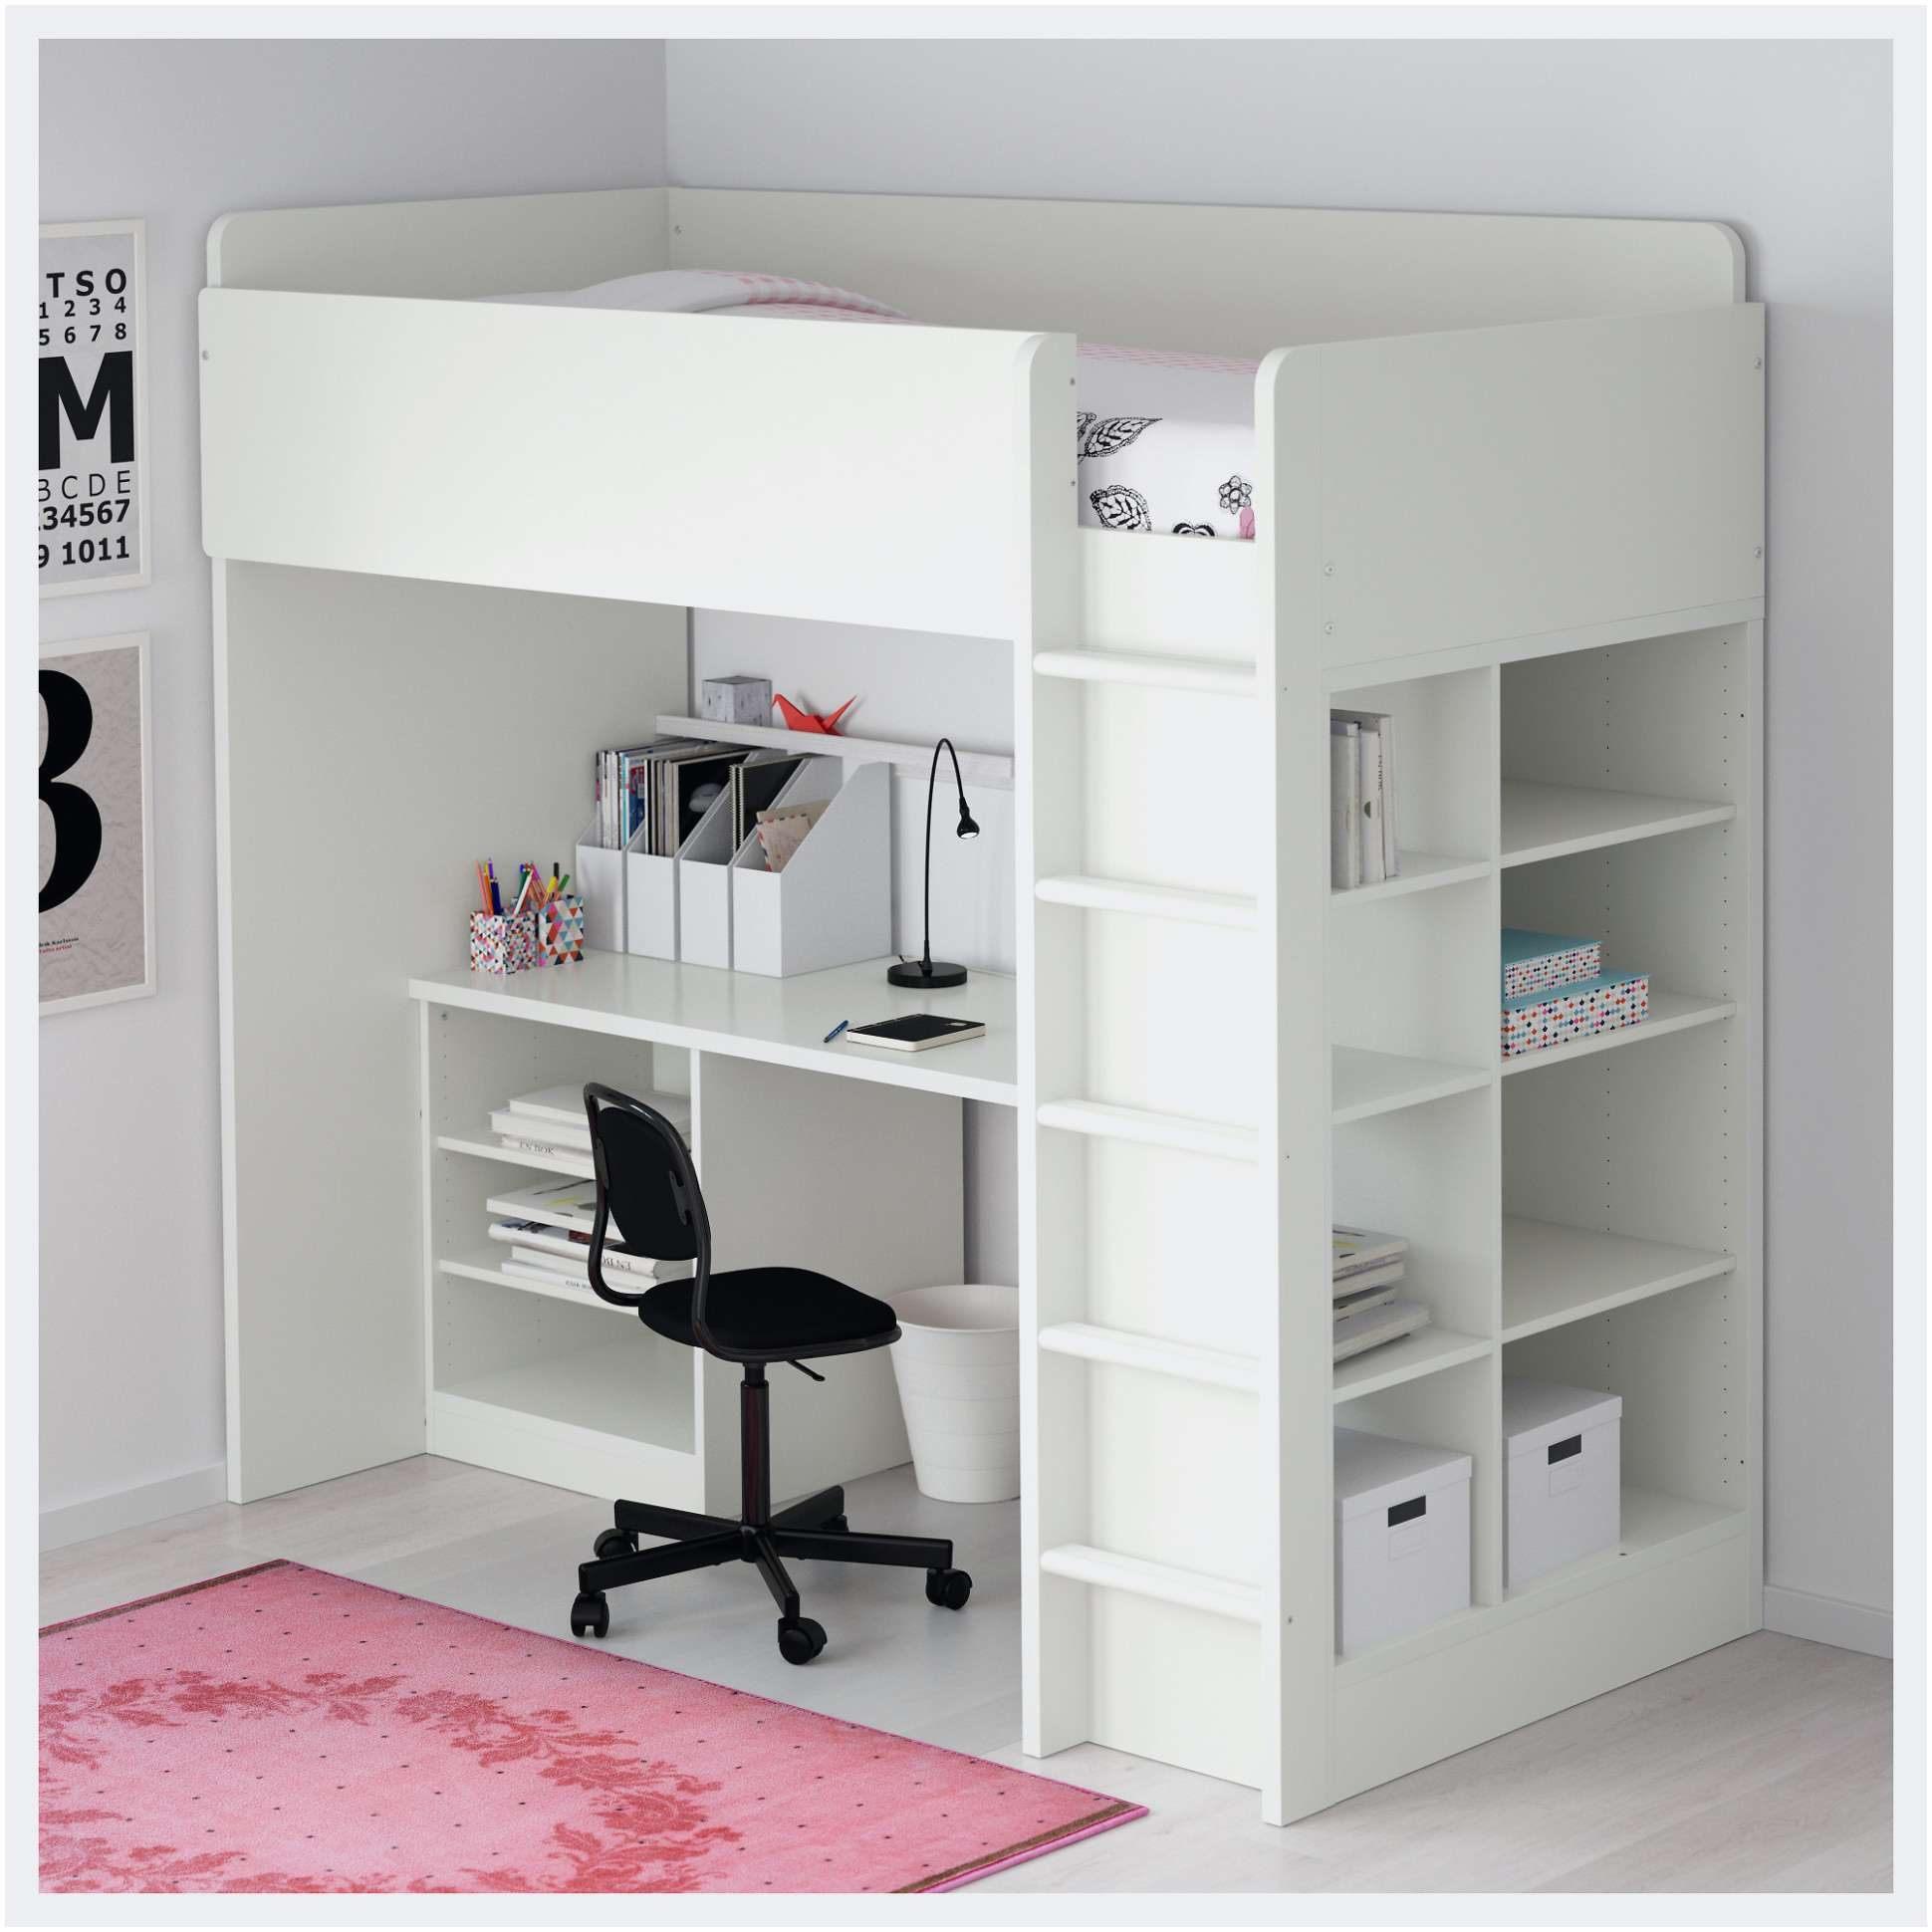 Ikea Lits Superposés Agréable Frais 40 Best Mezzanines Pinterest Pour Option Protection